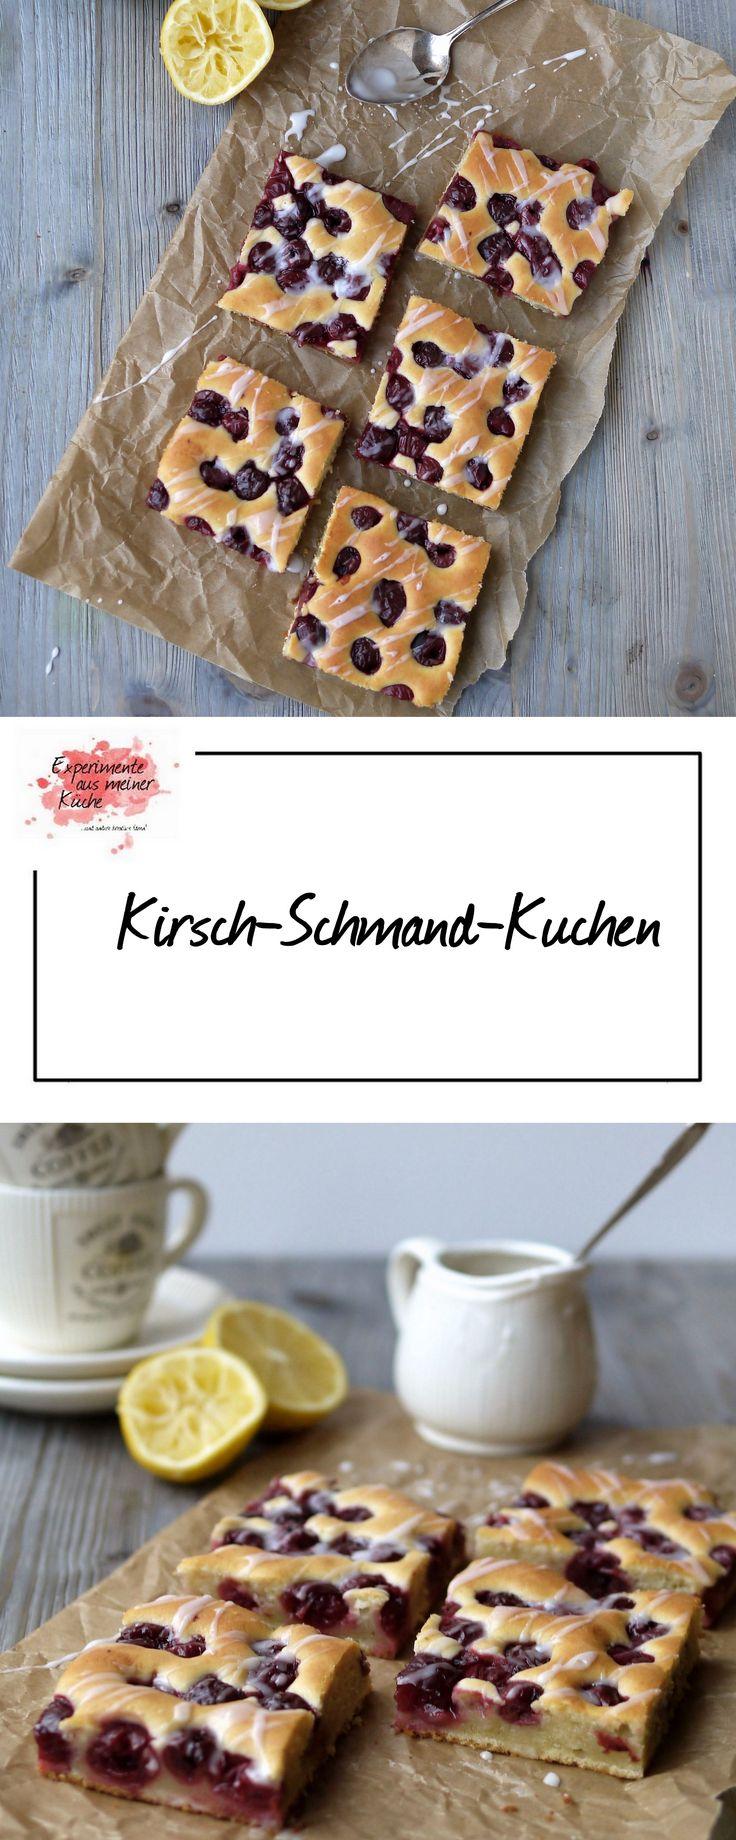 Experimente aus meiner Küche: Kirsch-Schmand-Kuchen